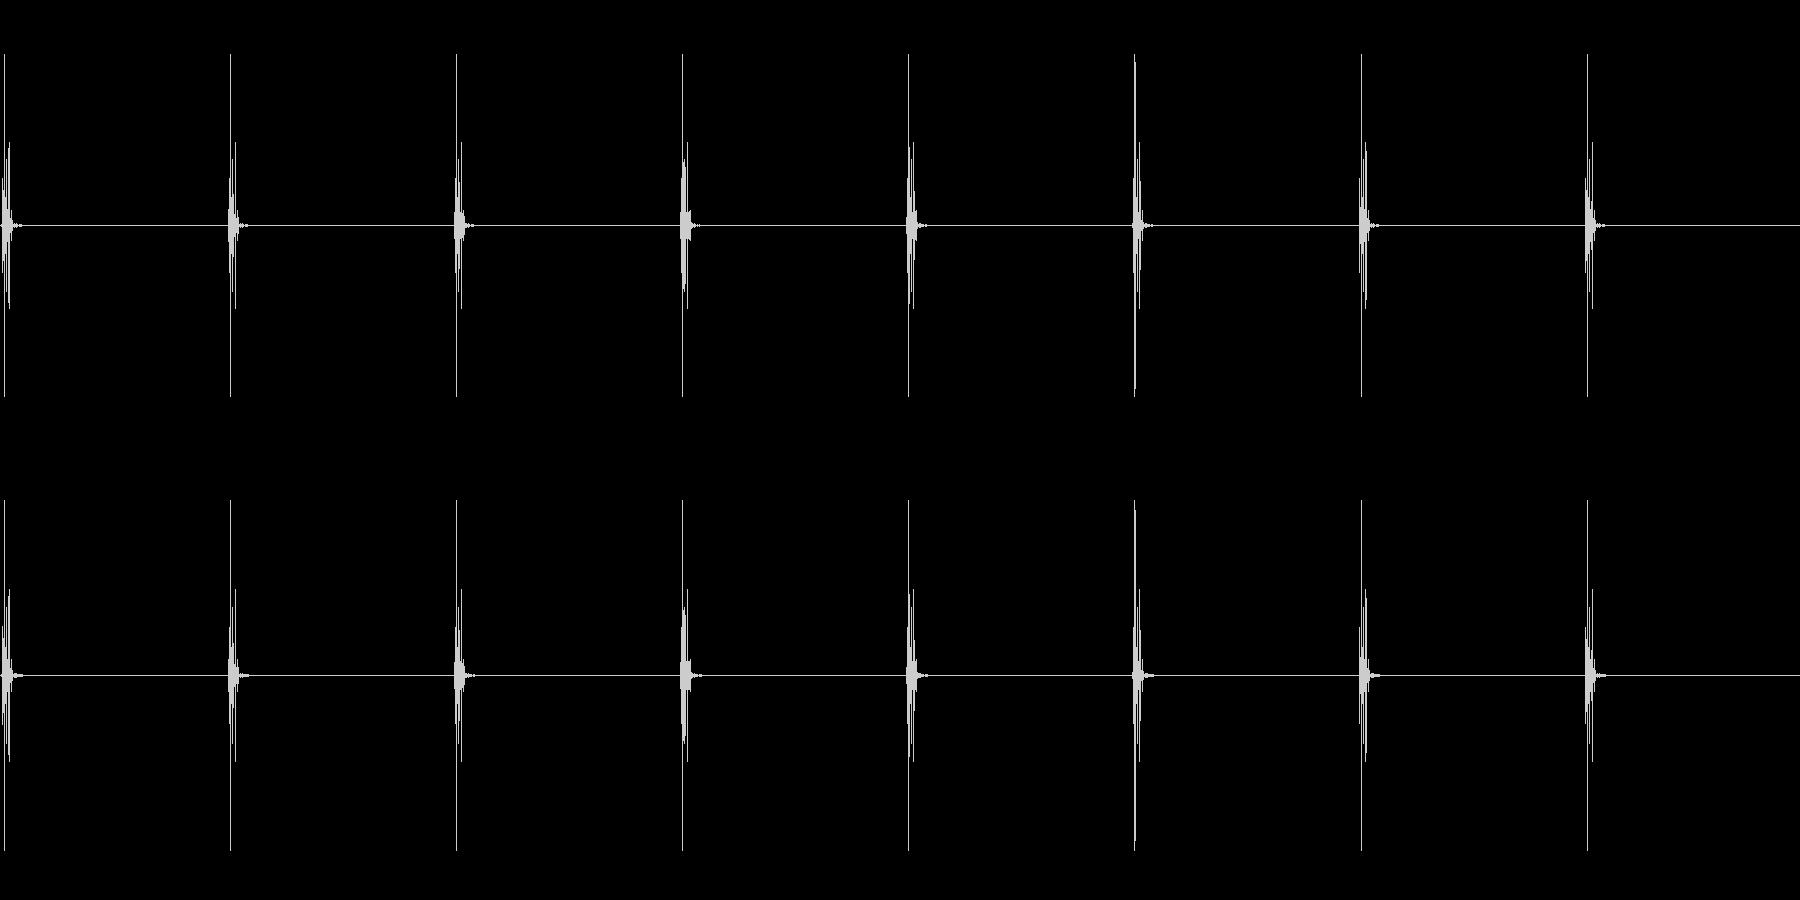 チッ チッ/リアルな時計の音 ループの未再生の波形